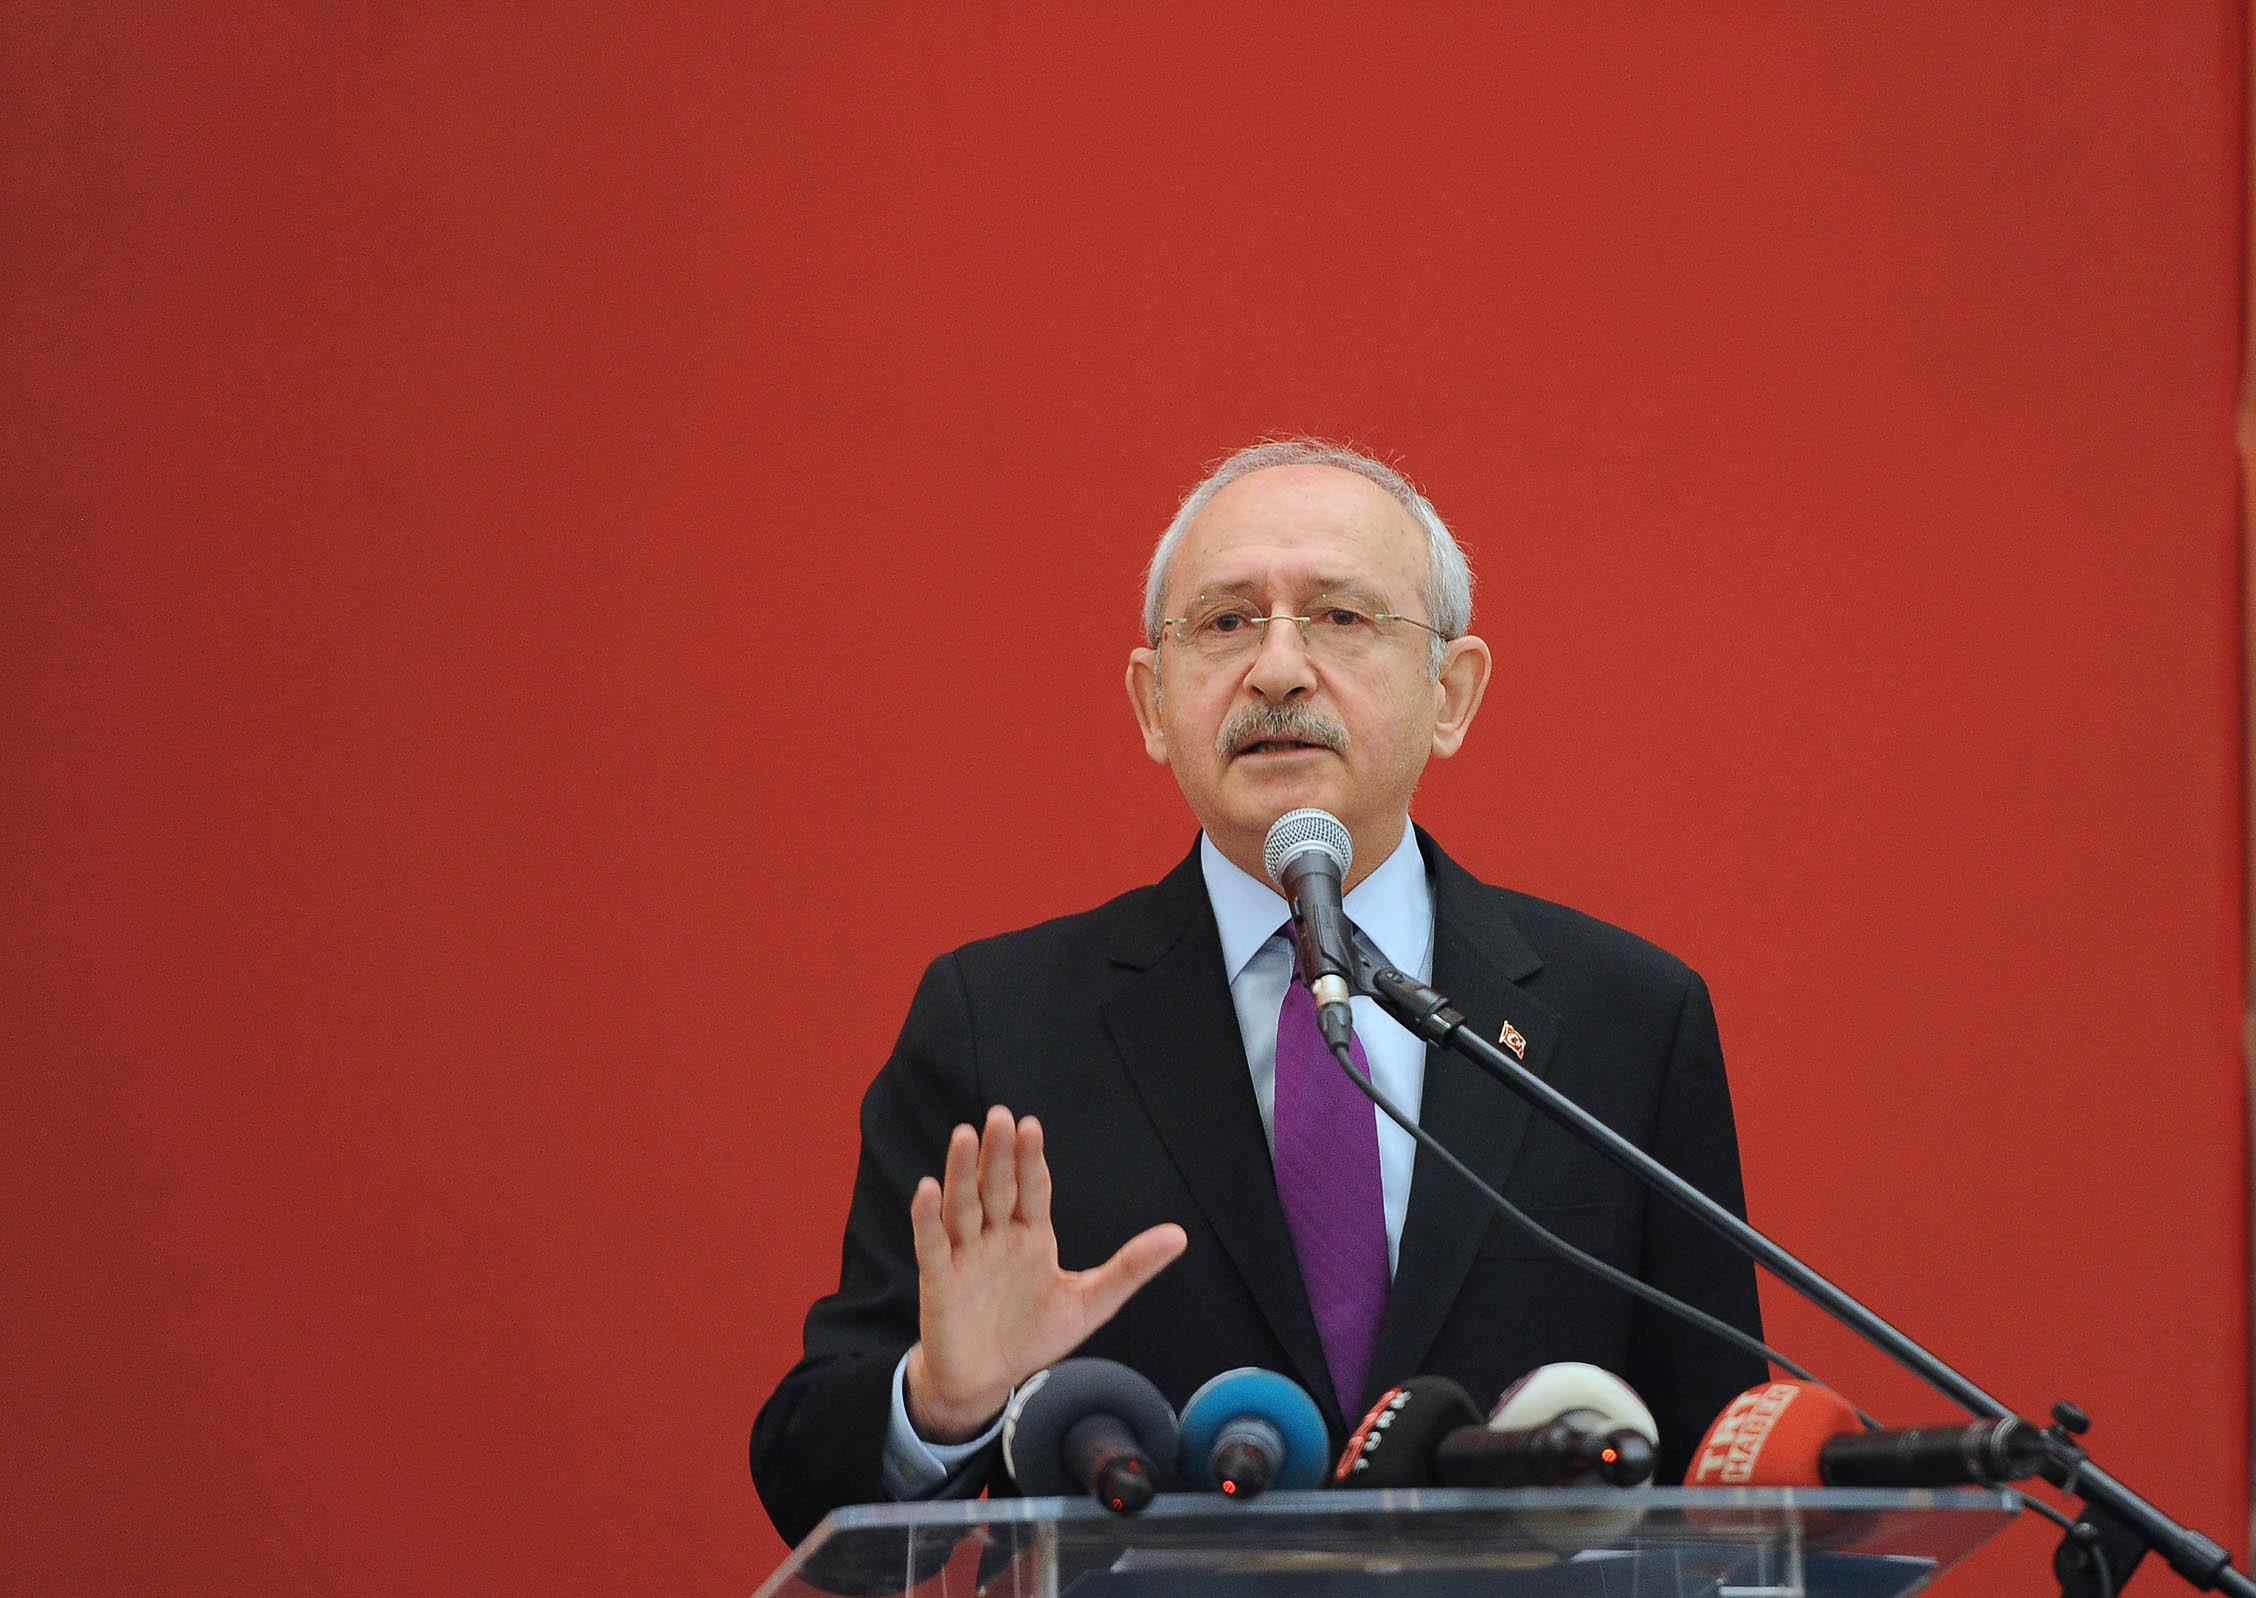 Kemal Kılıçdaroğlu, cumhurbaşkanı adayı olacak mı? Tartışmalara son noktayı koydu